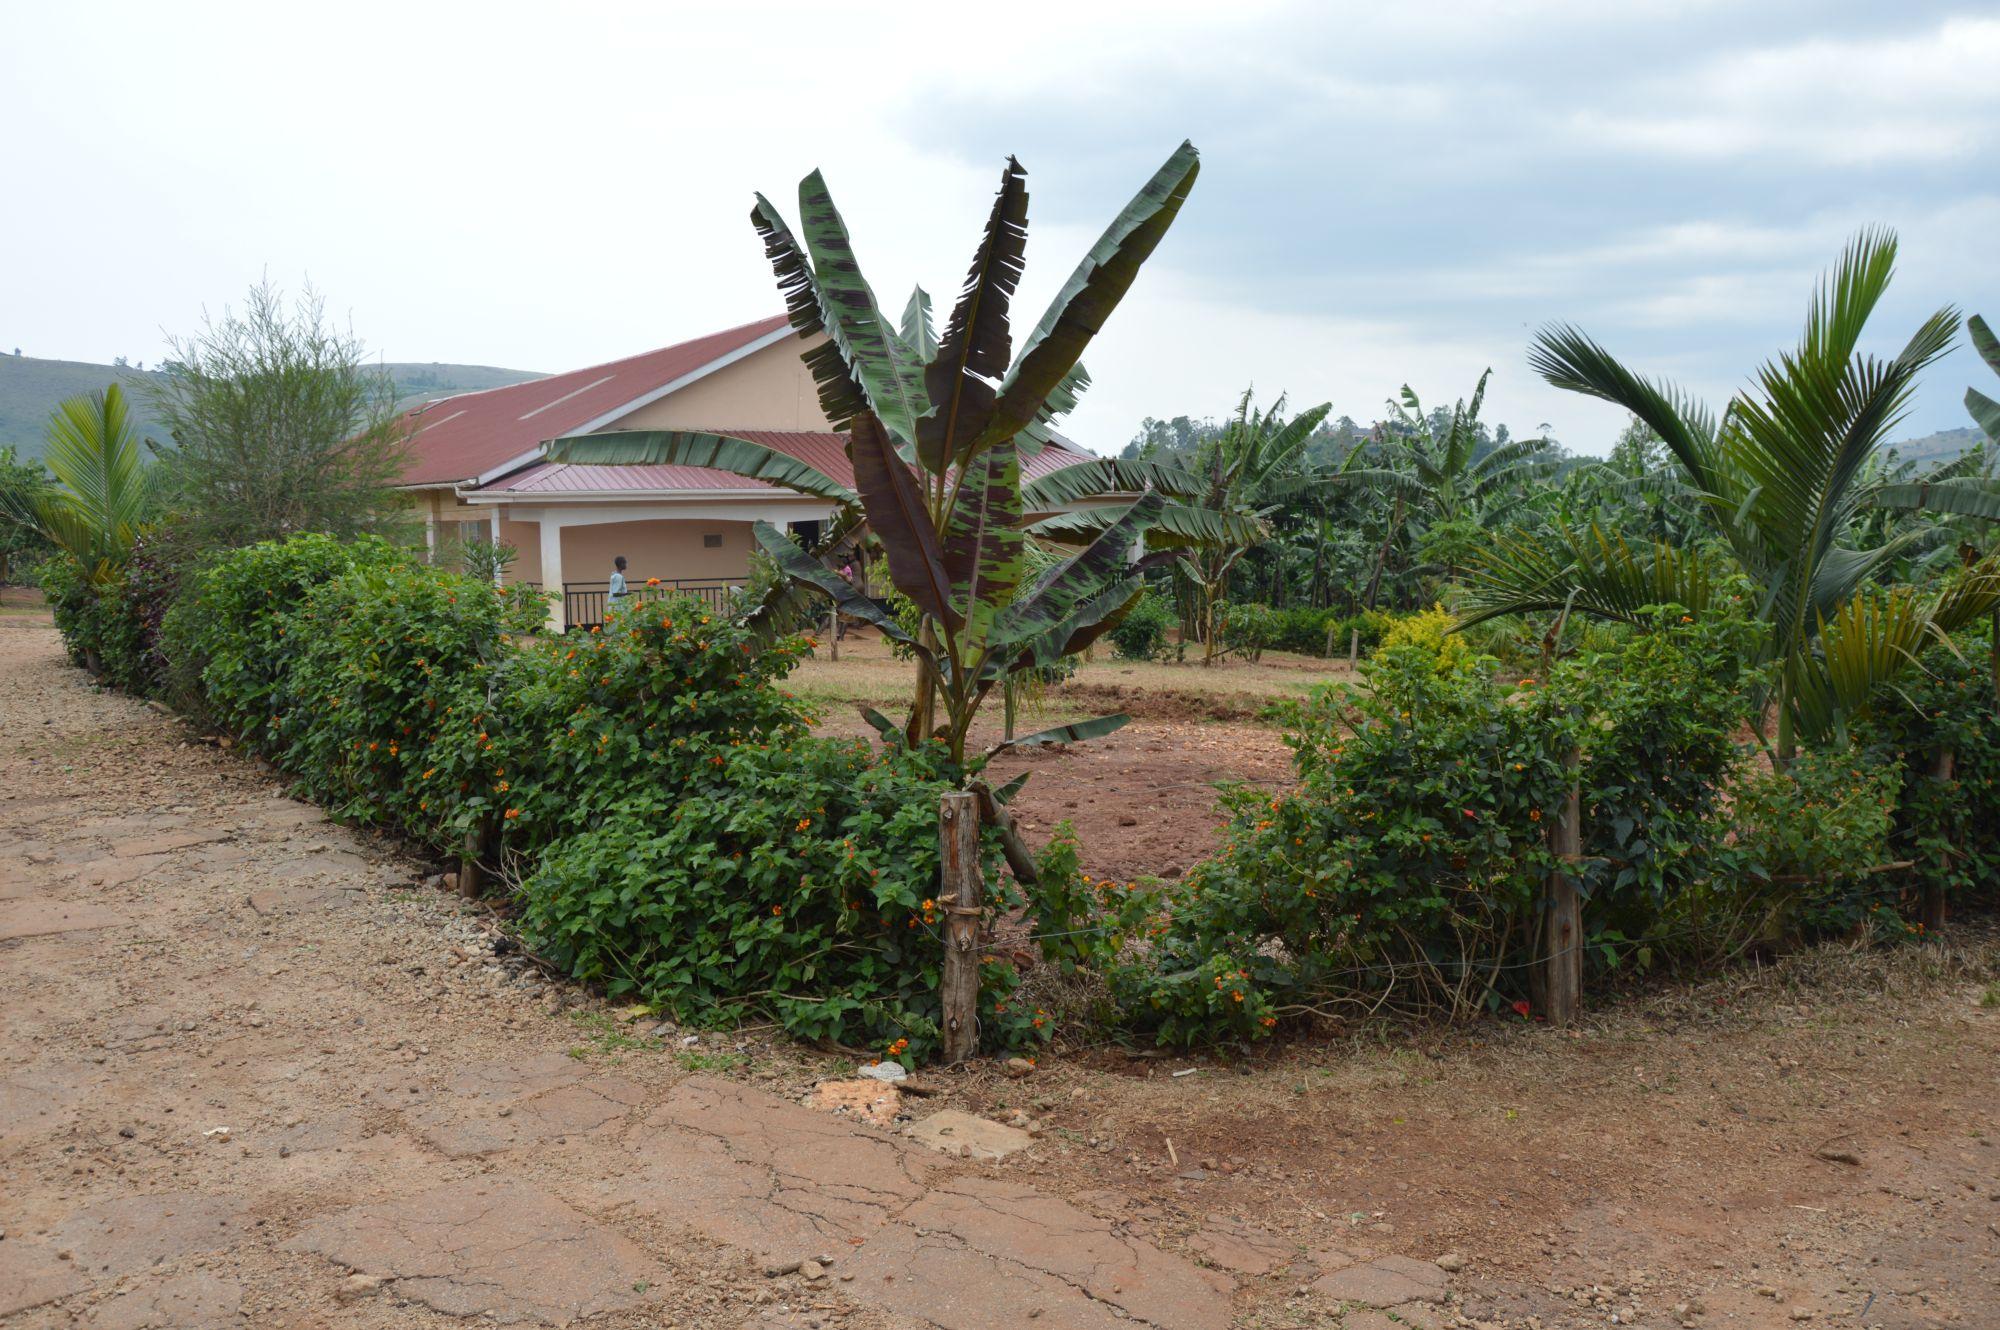 Bepflanzung des Schulgeländes in Ntungamo